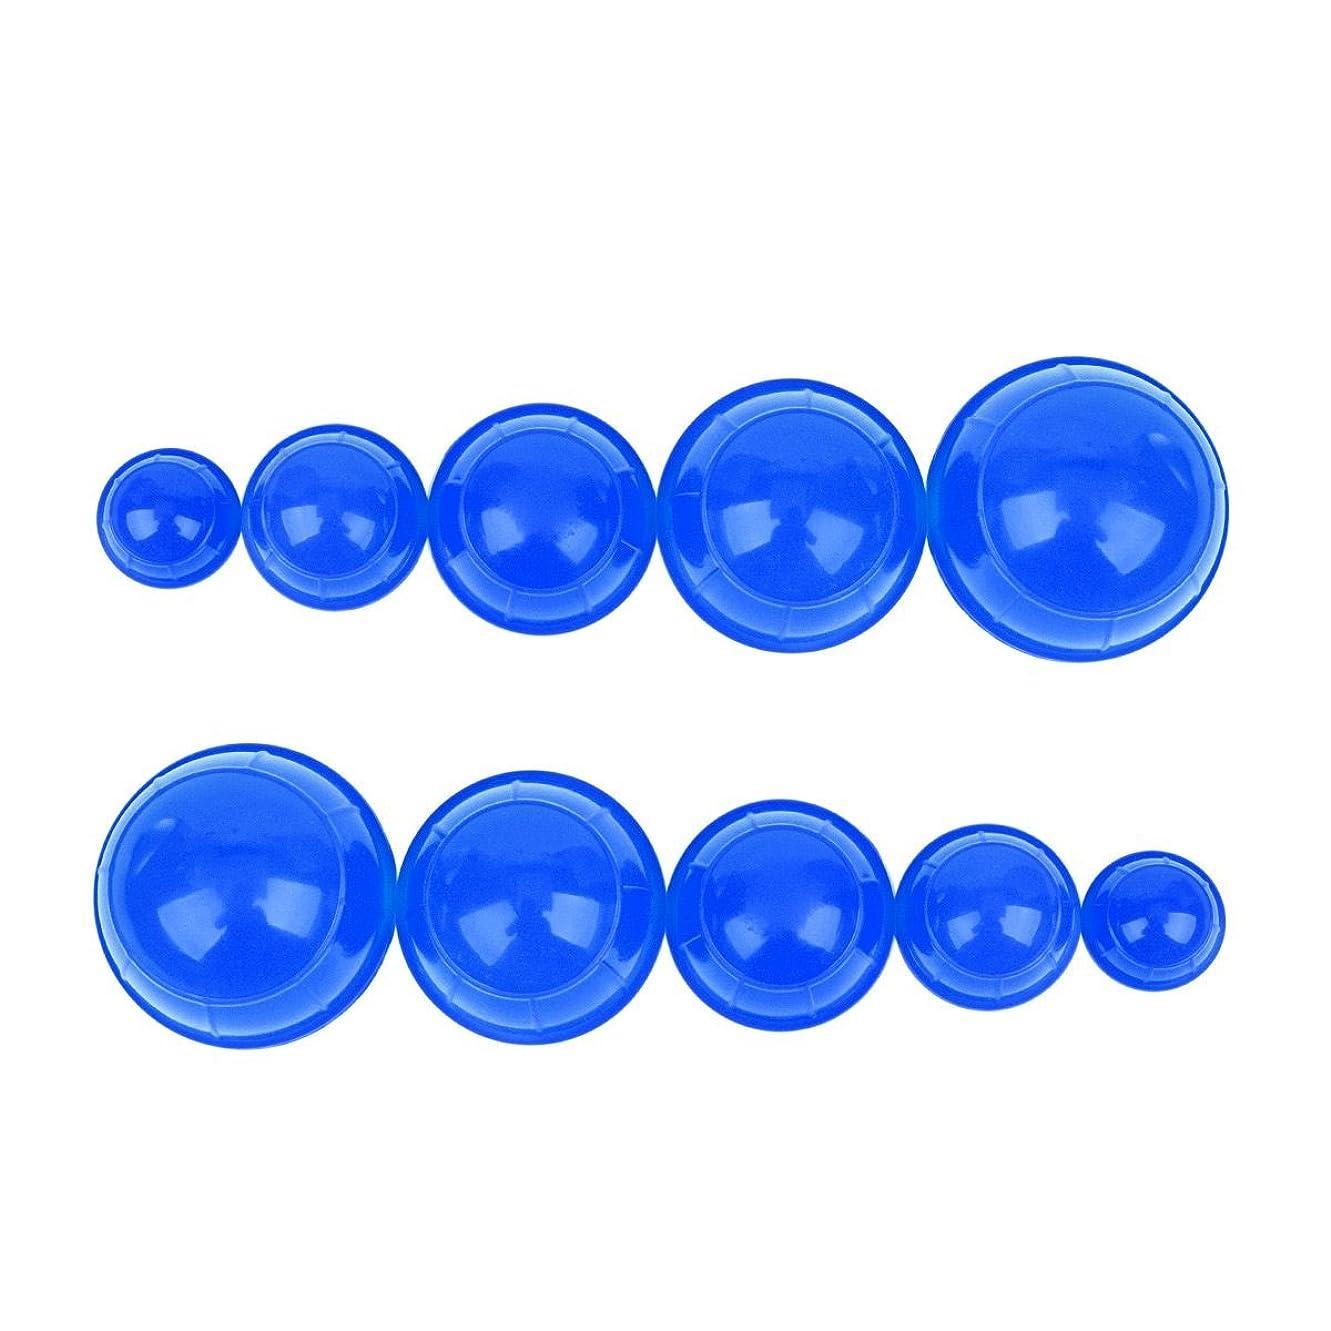 幸運なことにオプショナル無臭シリコンカッピング 12個セット 吸い玉 水洗い可能 全身マッサージ CkeyiN (ブルー)